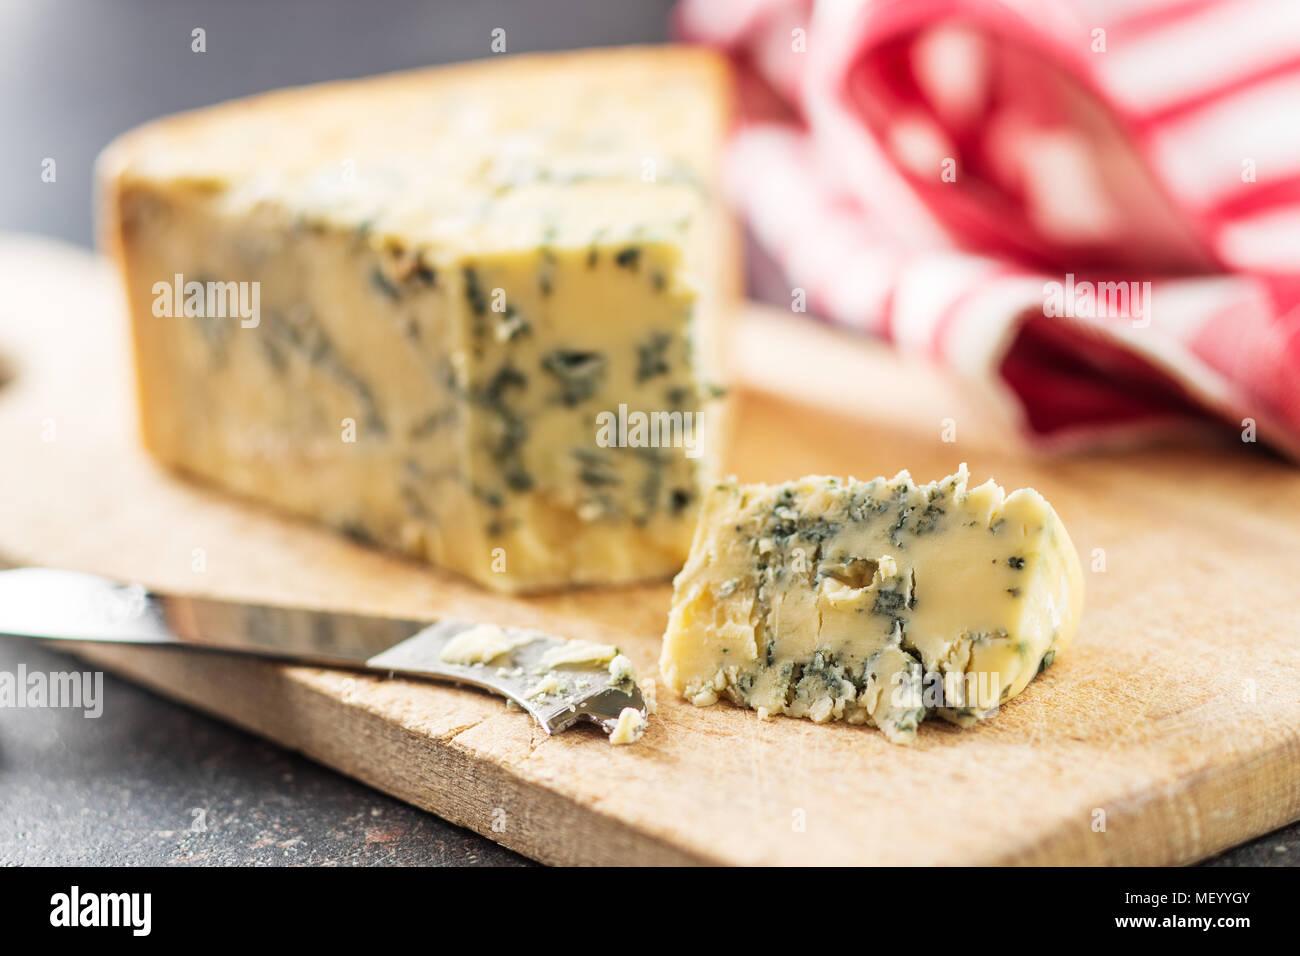 Gustoso formaggio blu sul bordo di taglio. Immagini Stock